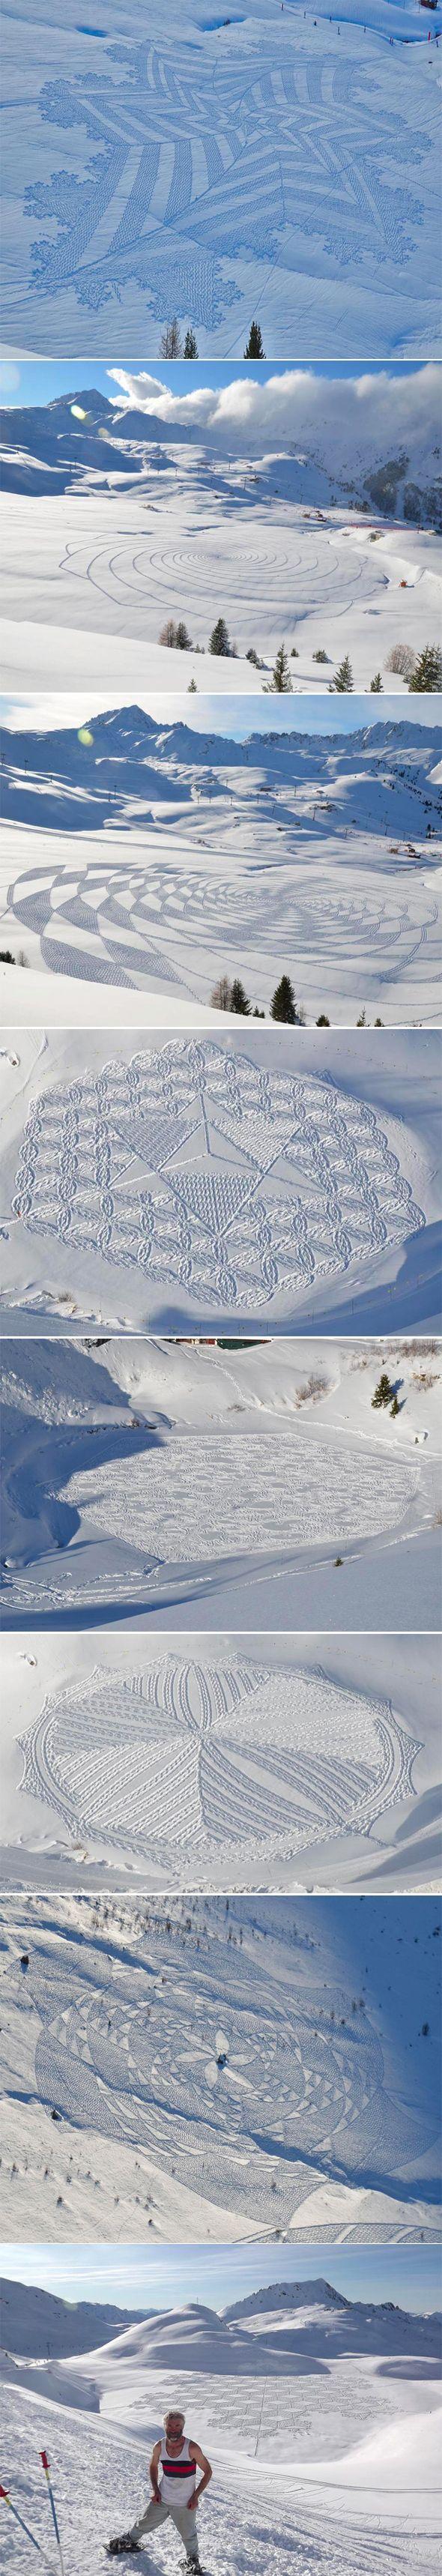 La neige ne va pas tarder, et les artistes s'en donnent à coeur joie. | Simon Beck - Dessin sur la neige